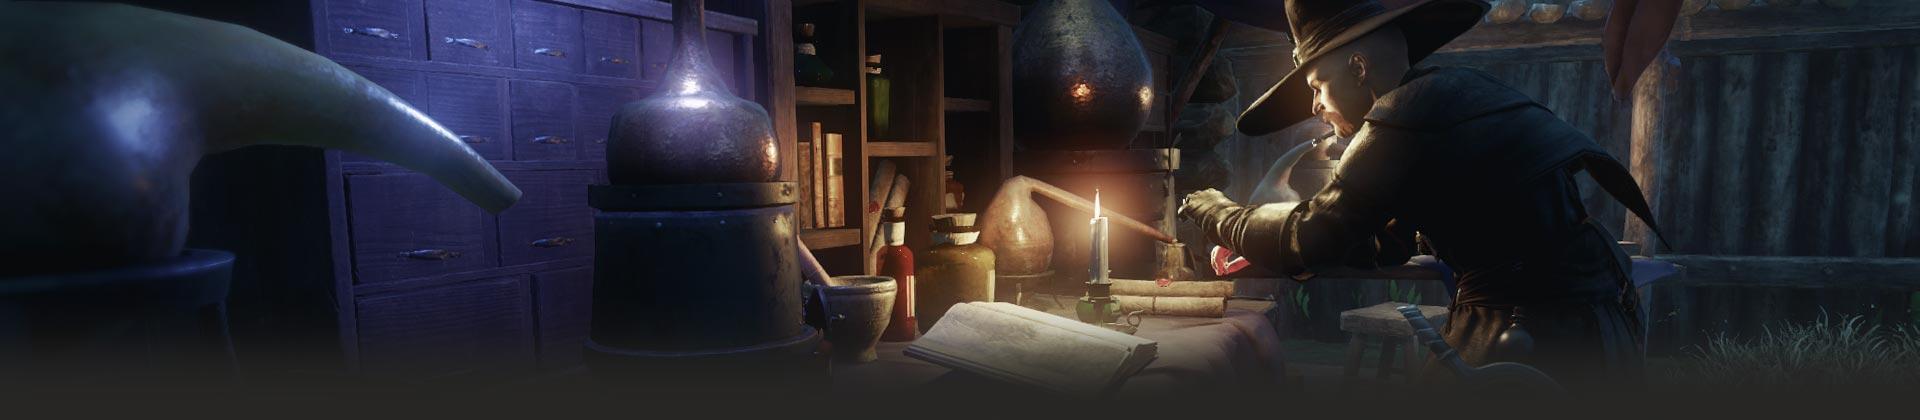 Media_Hero_Alchemist-S-1920x420.jpg